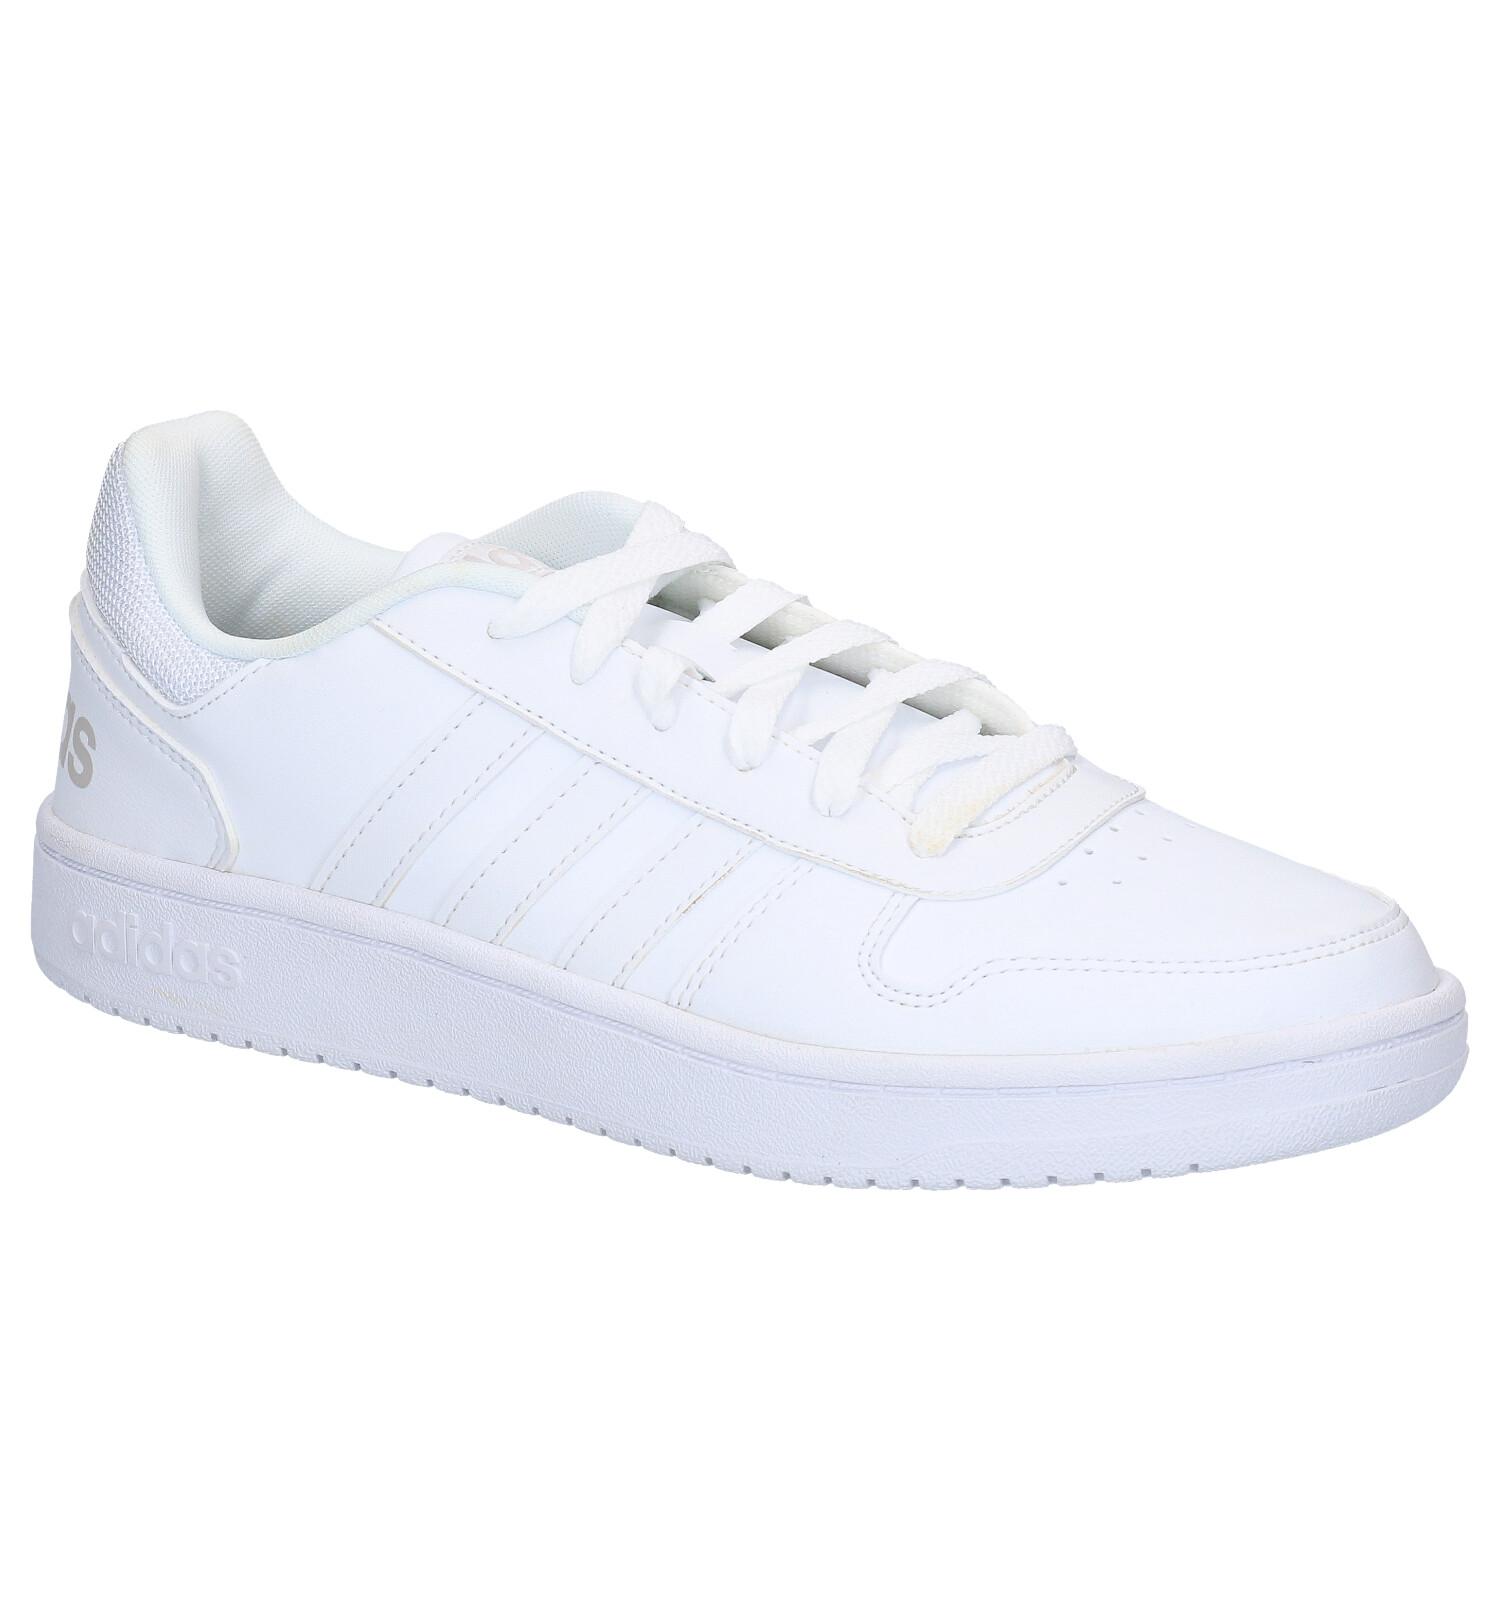 adidas Hoops 2.0 Witte Sneakers | SCHOENENTORFS.NL | Gratis verzend en retour